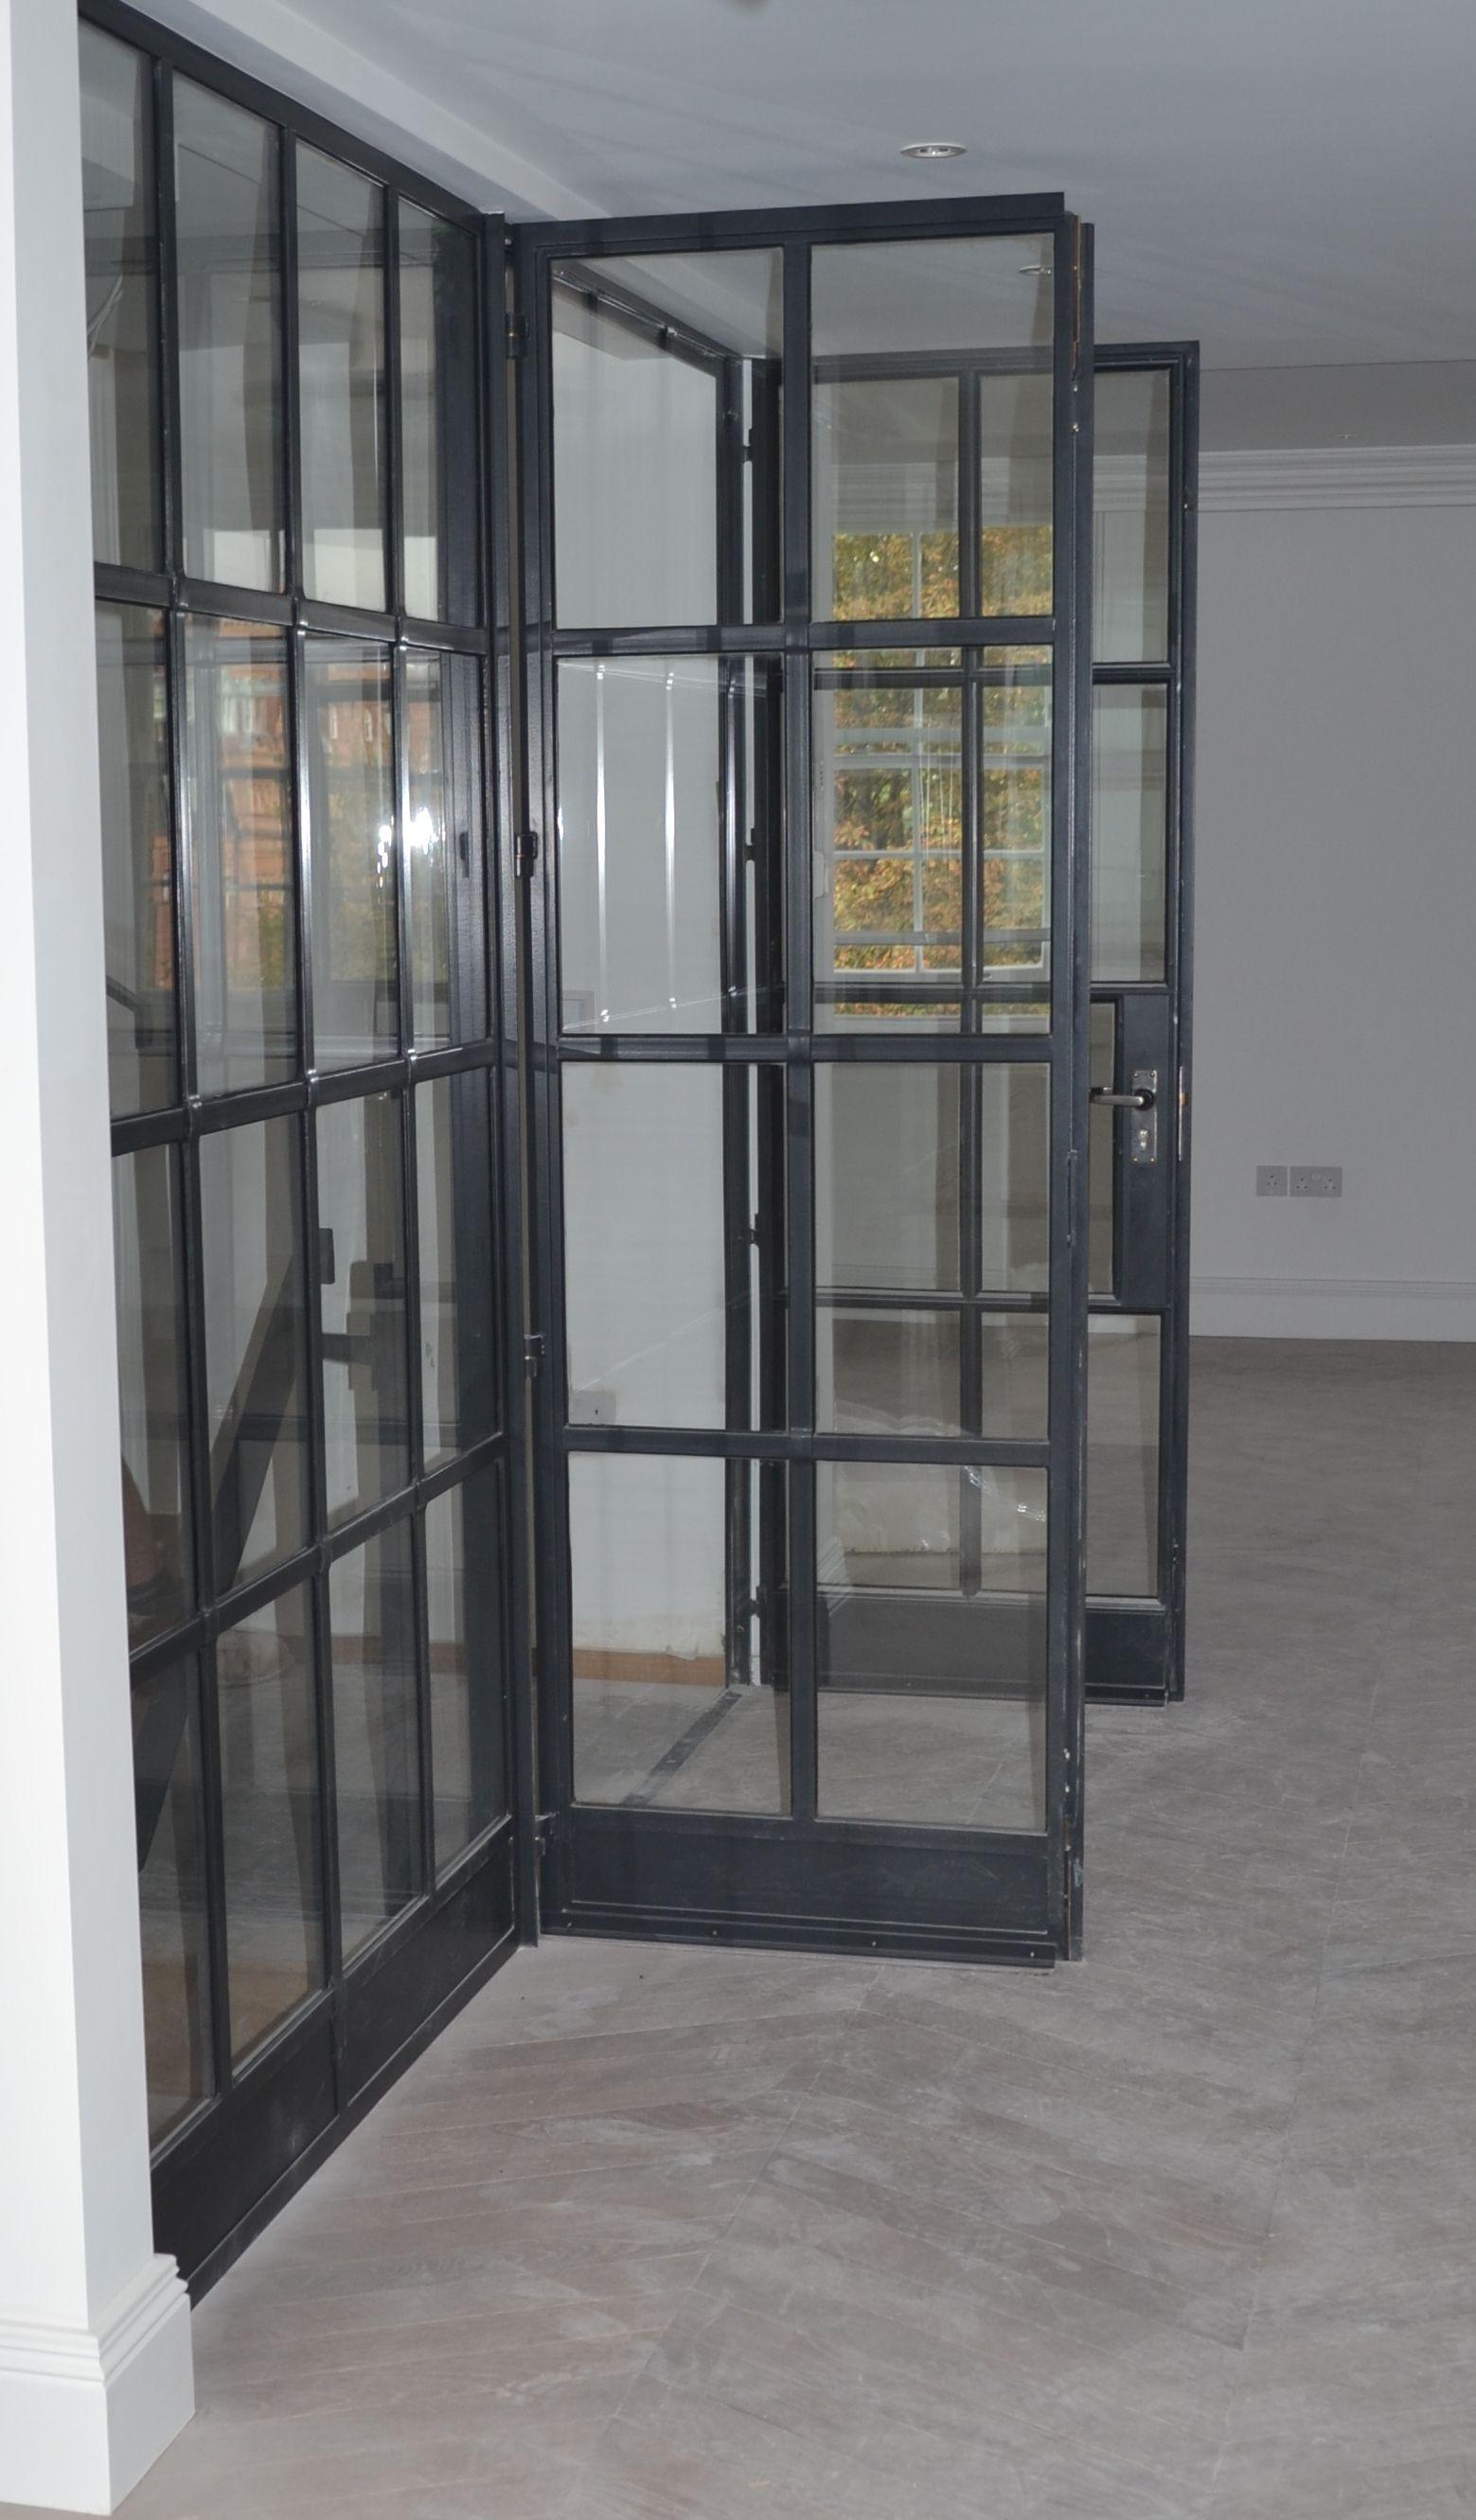 Lightfoot Windows (Kent) Ltd internal Crittall door screen featuring fire rated glass. & Image result for crittall screen | Living room update | Pinterest ...